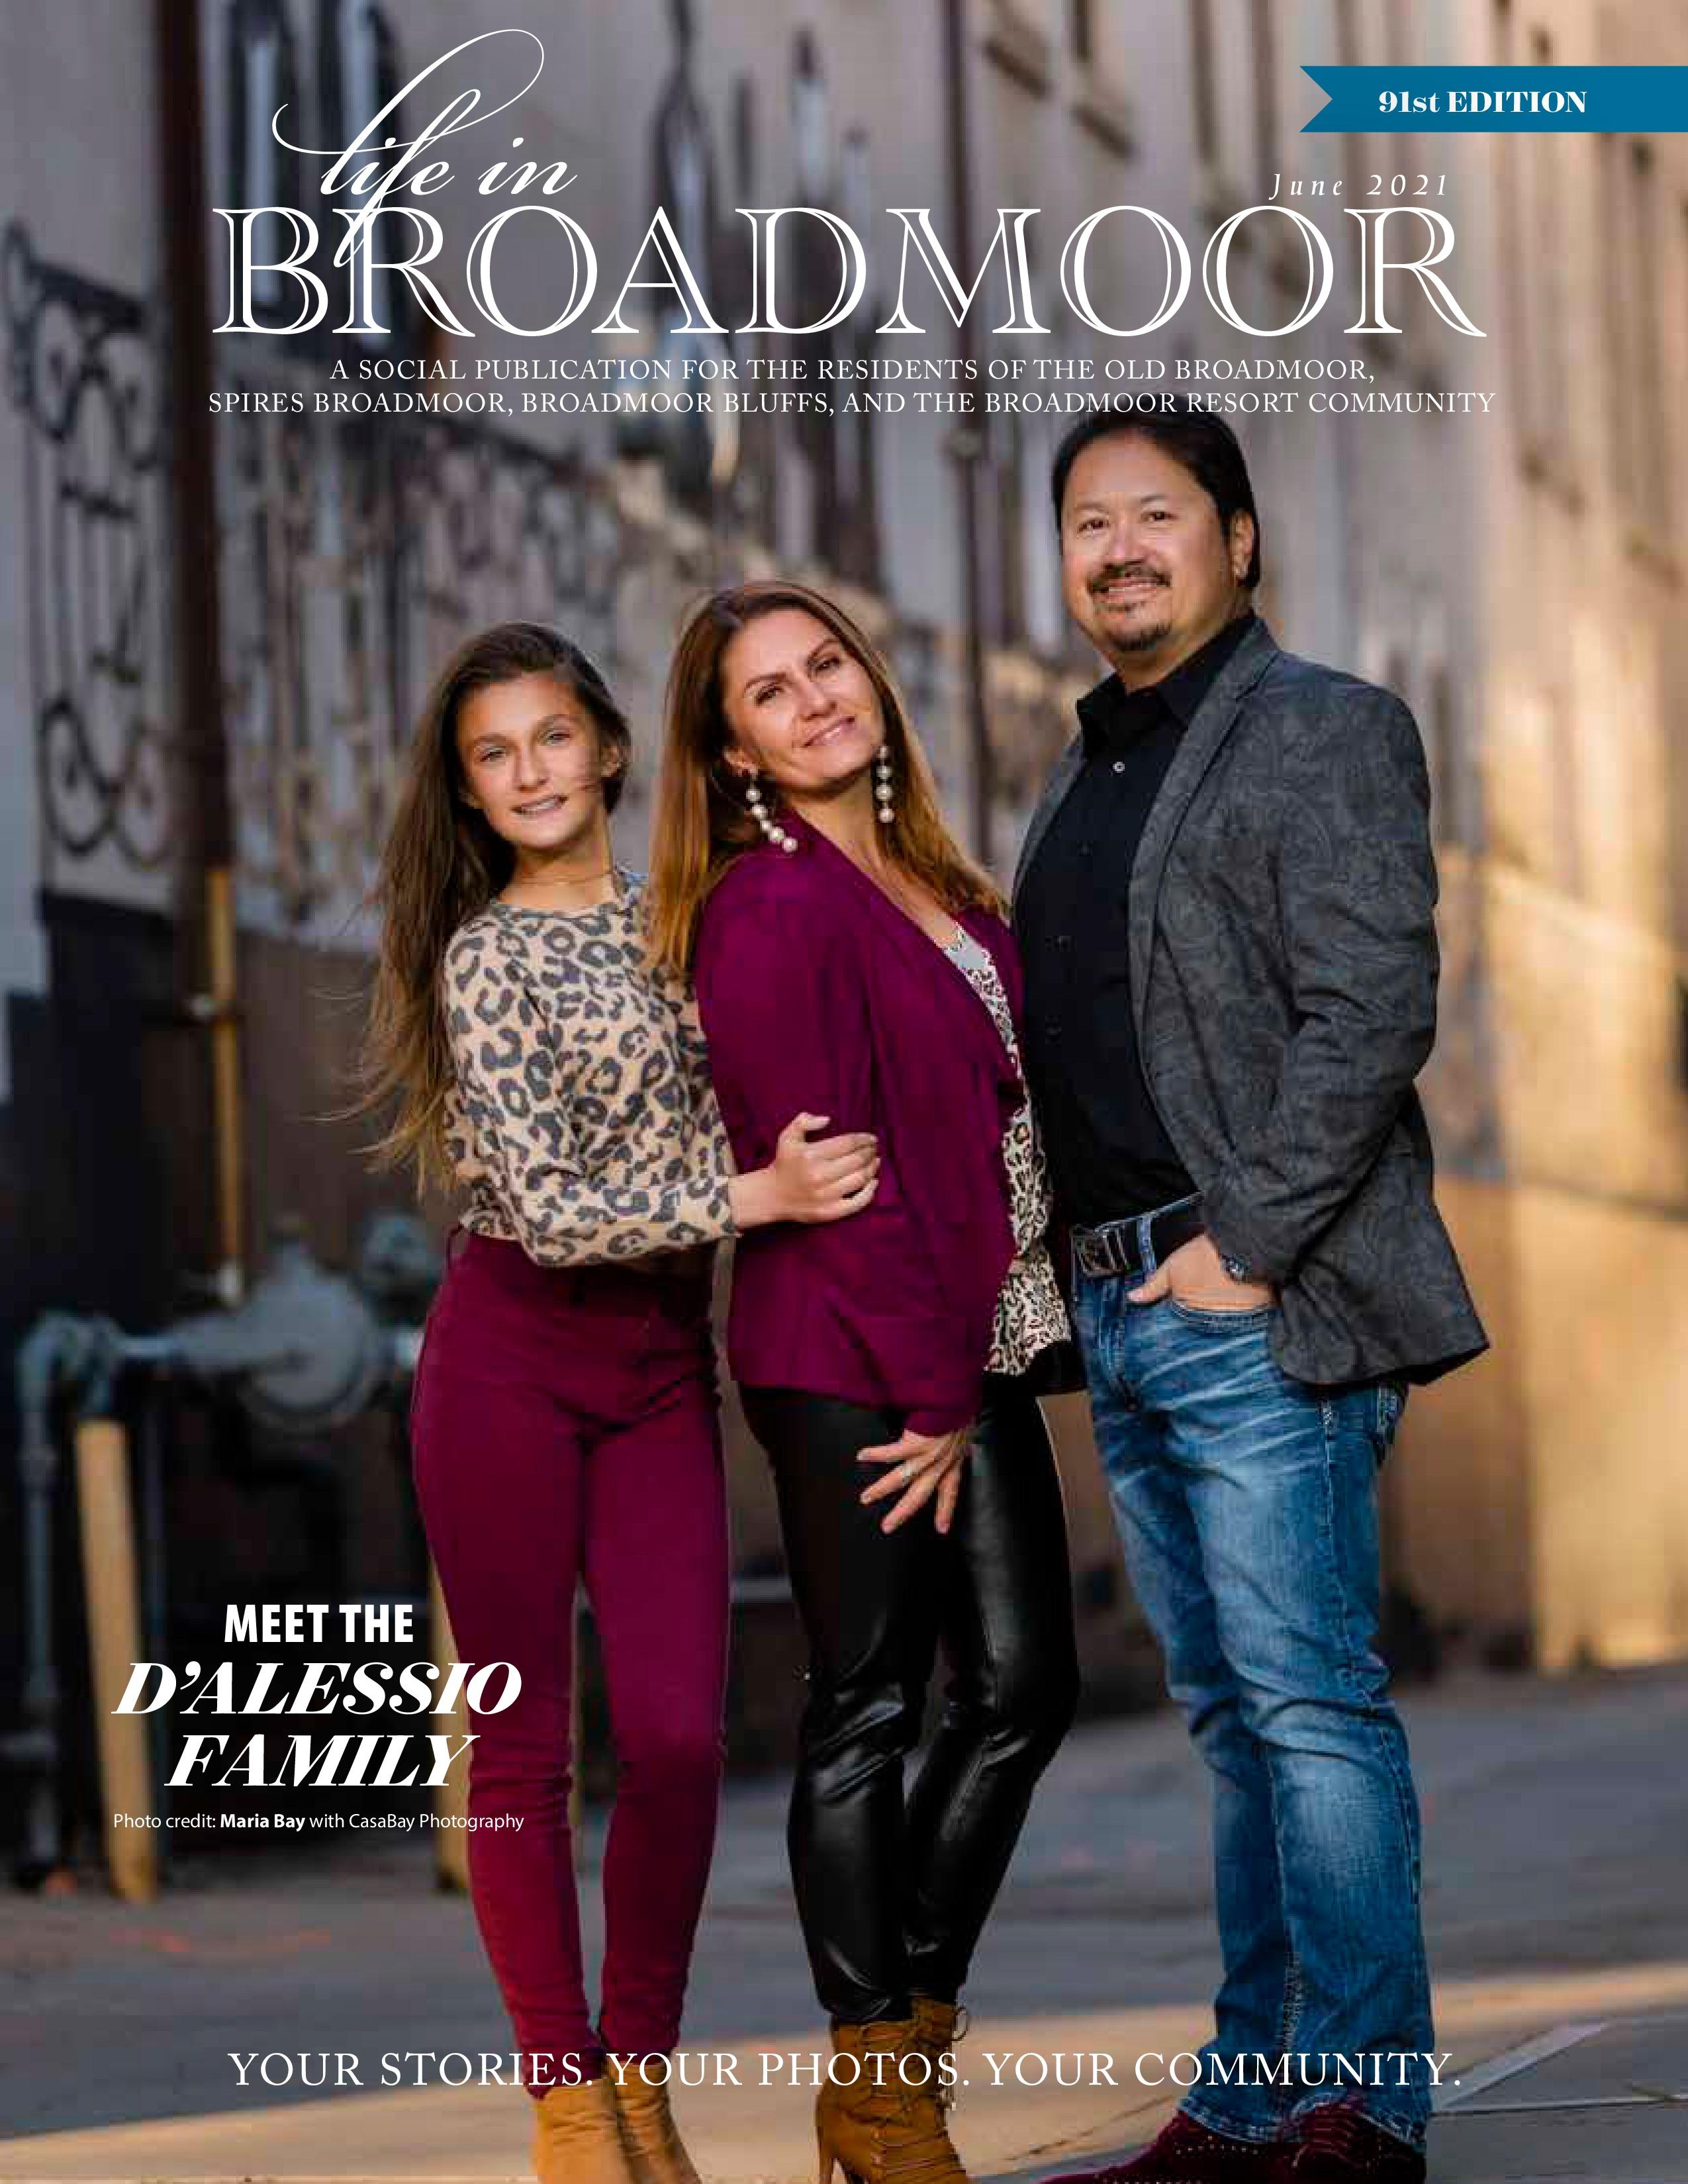 Life in Broadmoor 2021-06-01